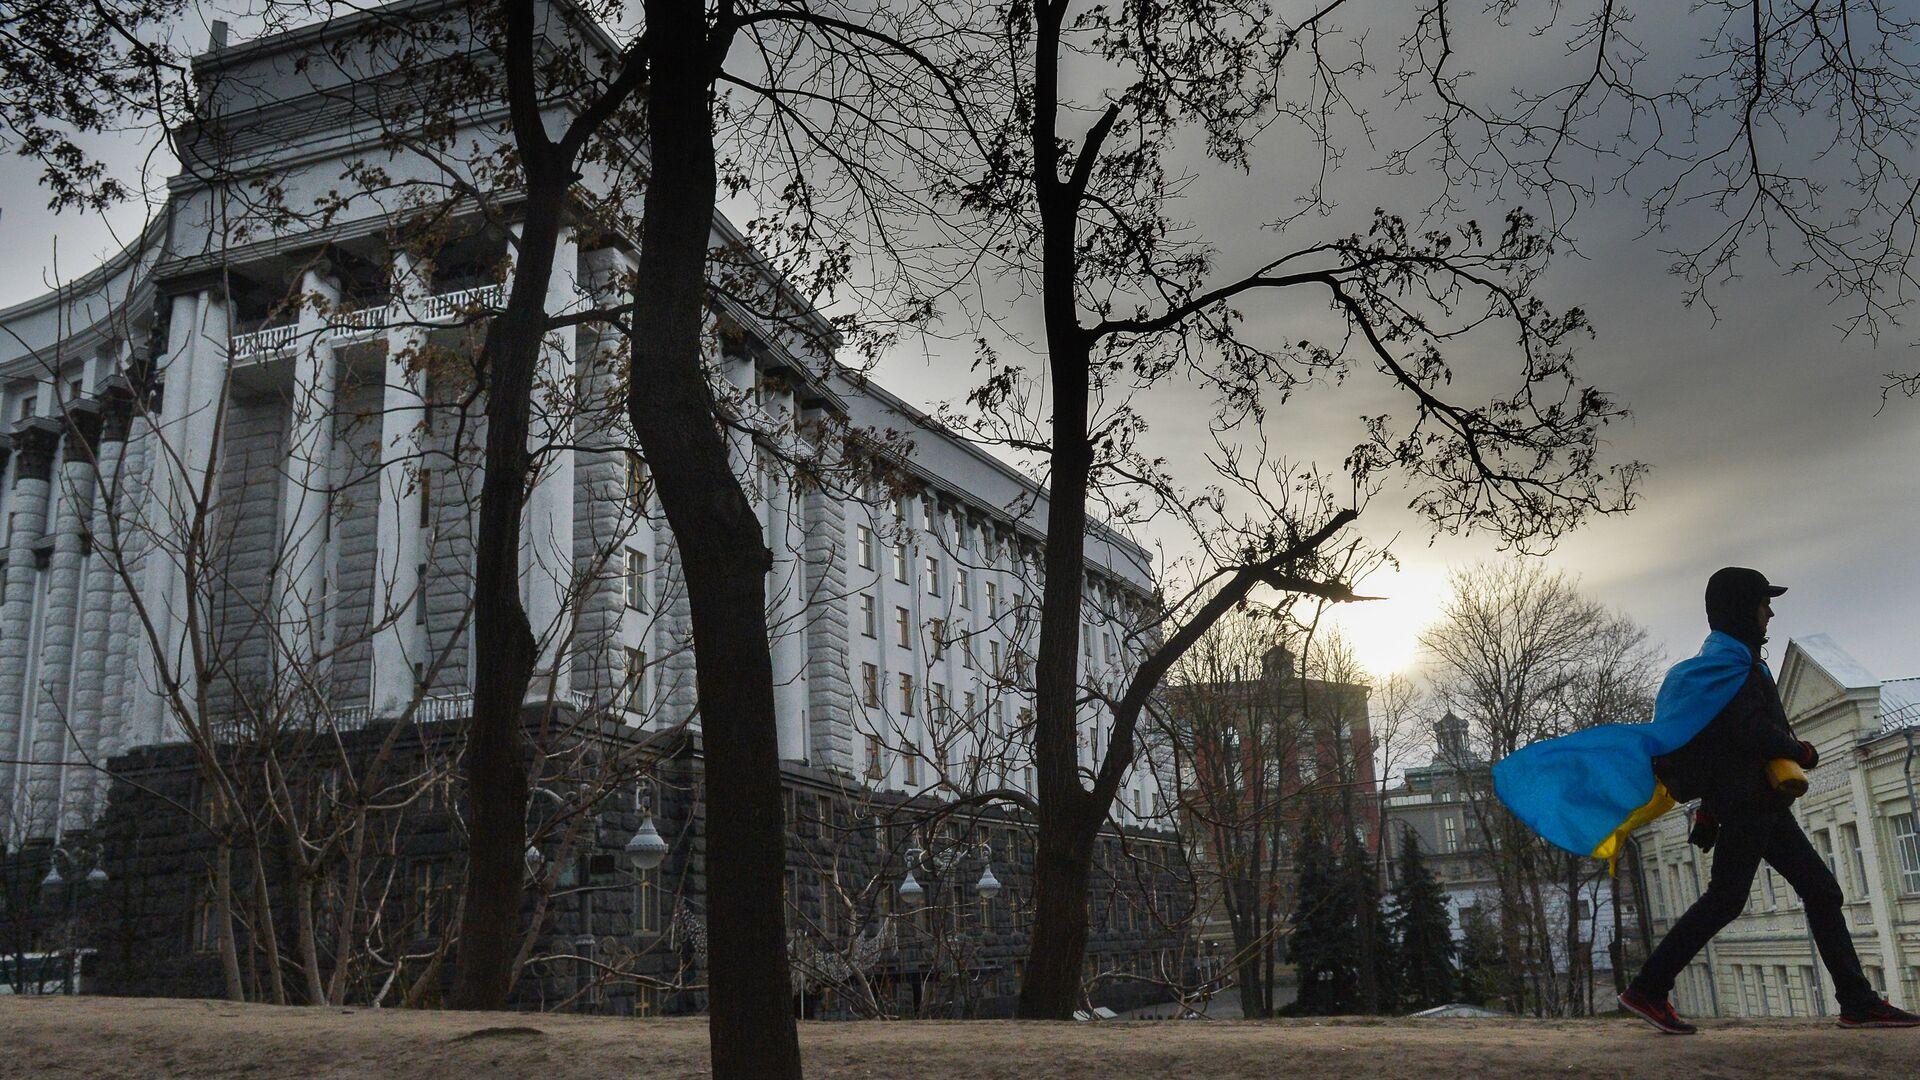 Мужчина с флагом Украины у здания правительства в Киеве, Украина - РИА Новости, 1920, 08.03.2021